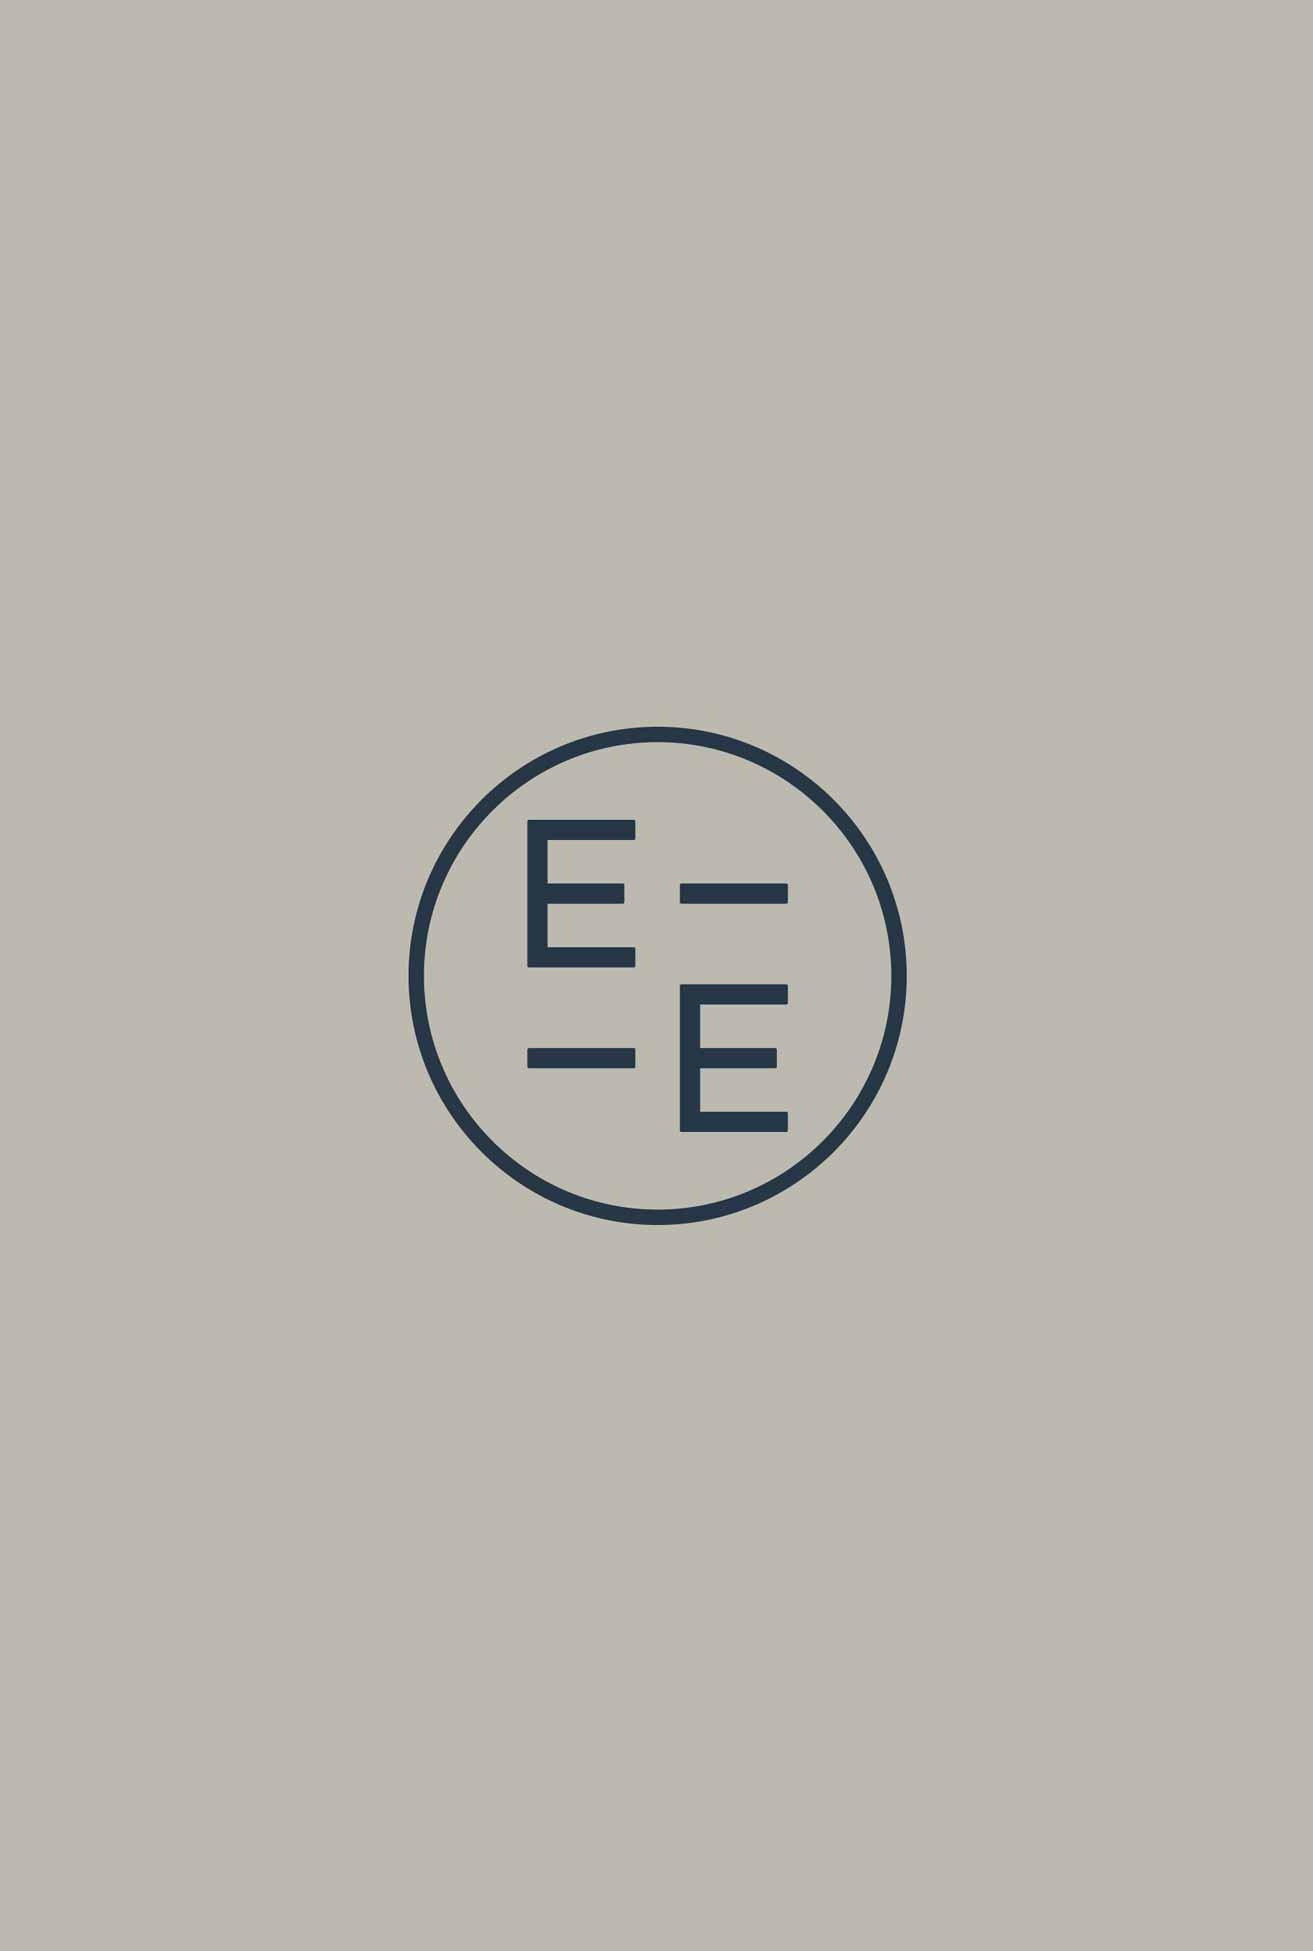 eyetoeye-vert_E-E.jpg